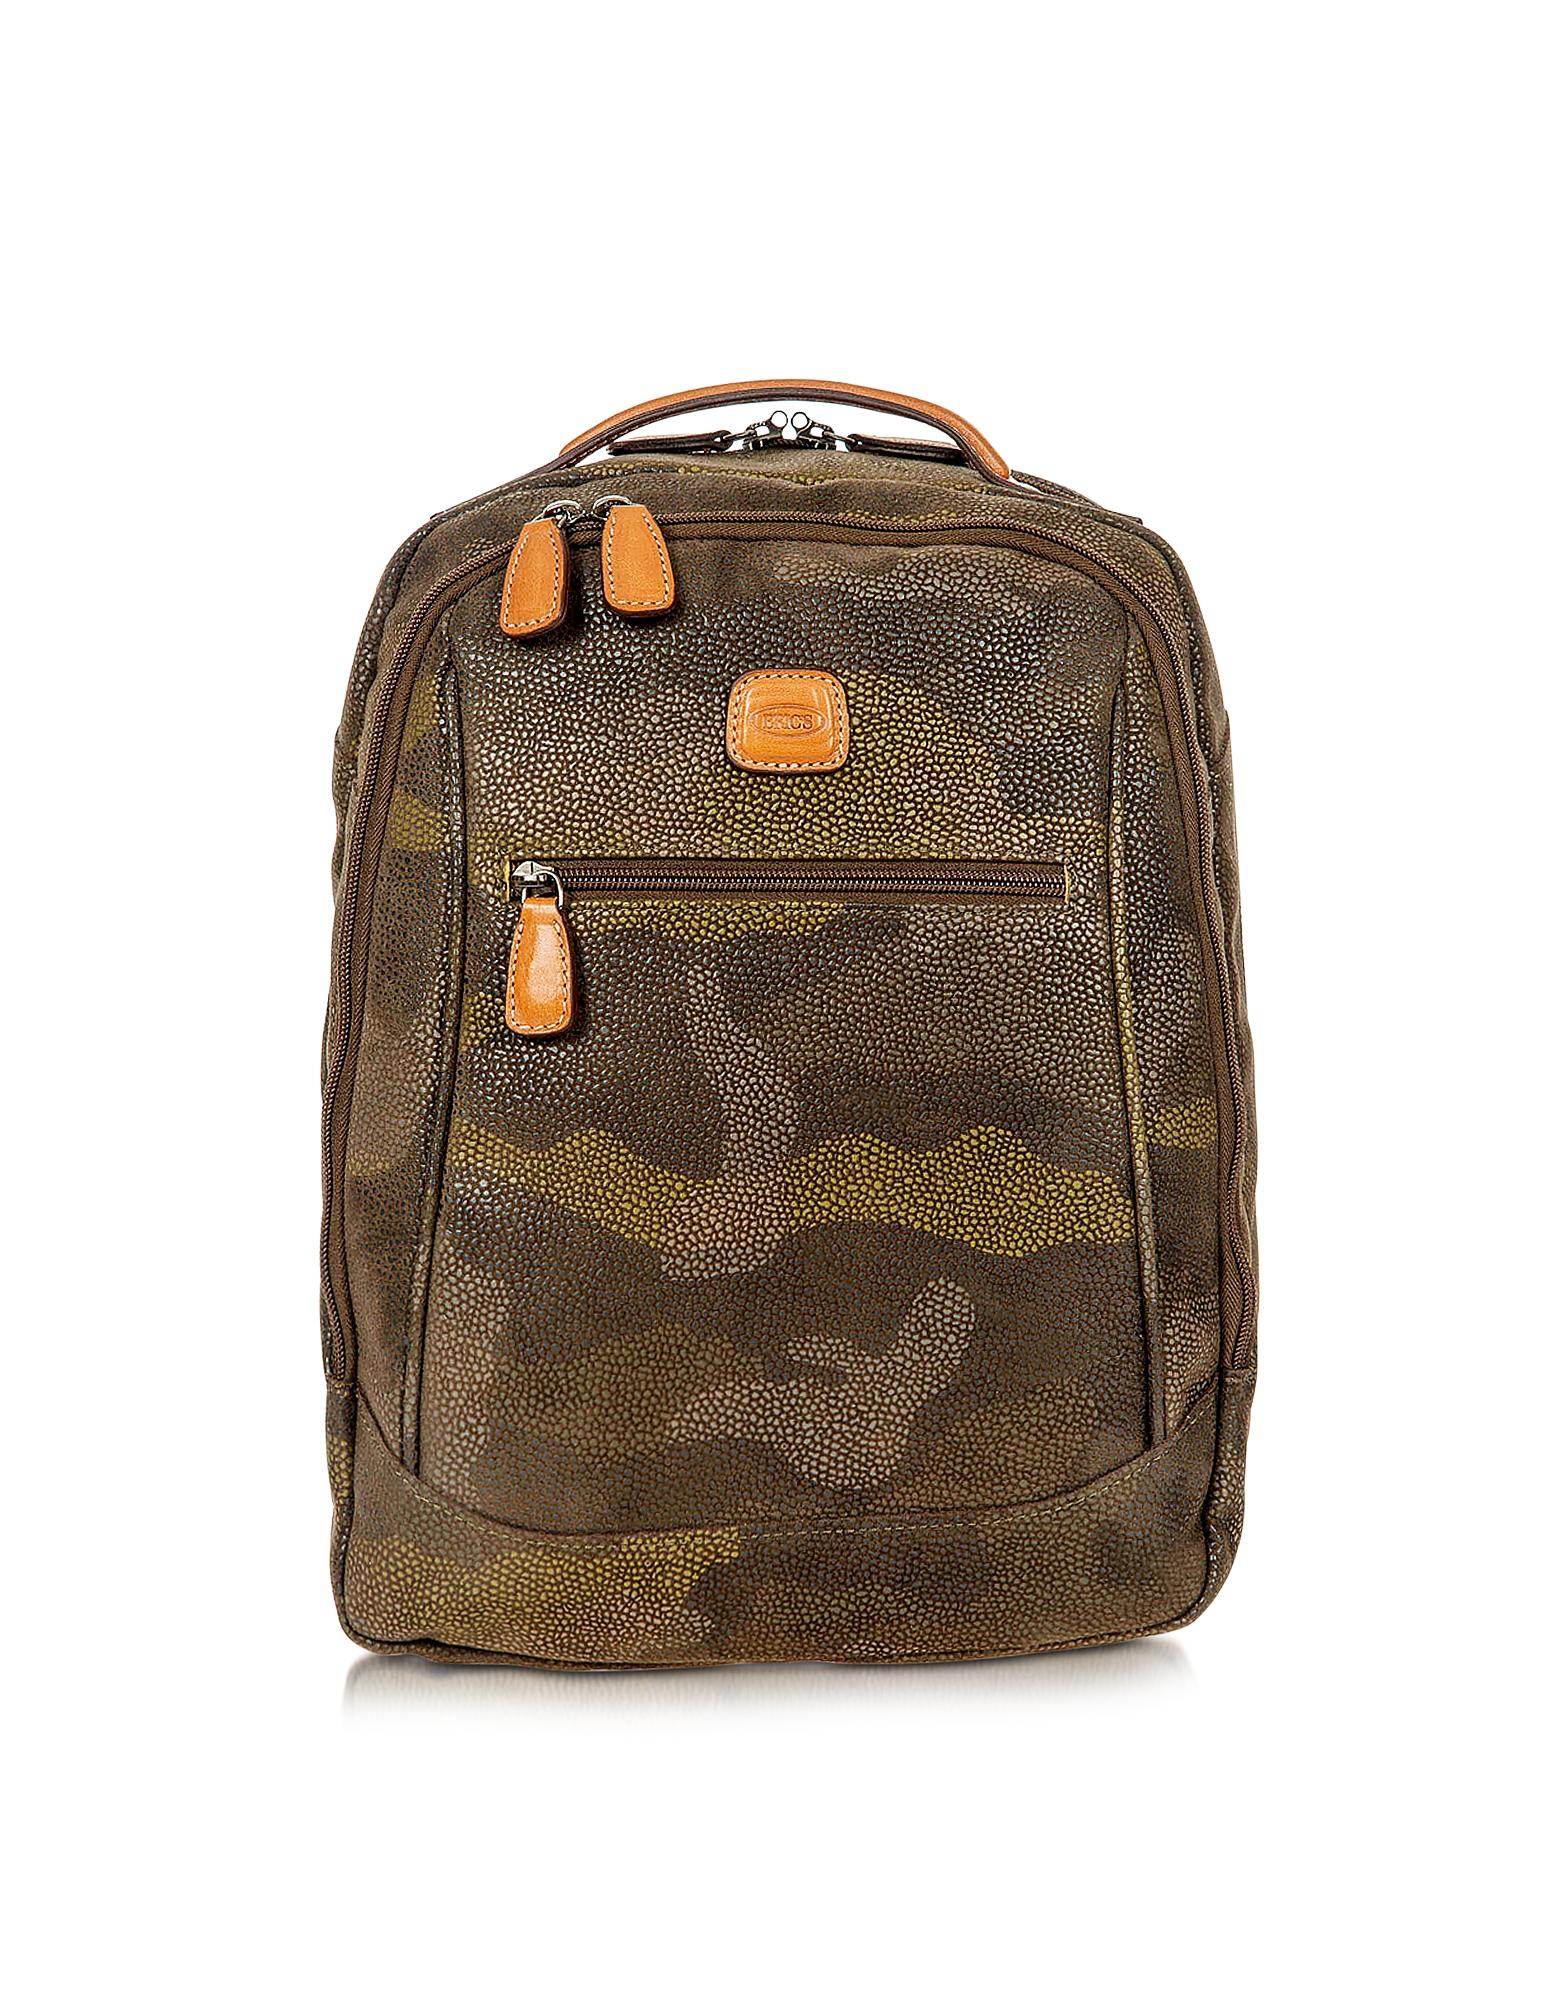 Life Camouflage - Военно-Зеленый Рюкзак из Микро Замши